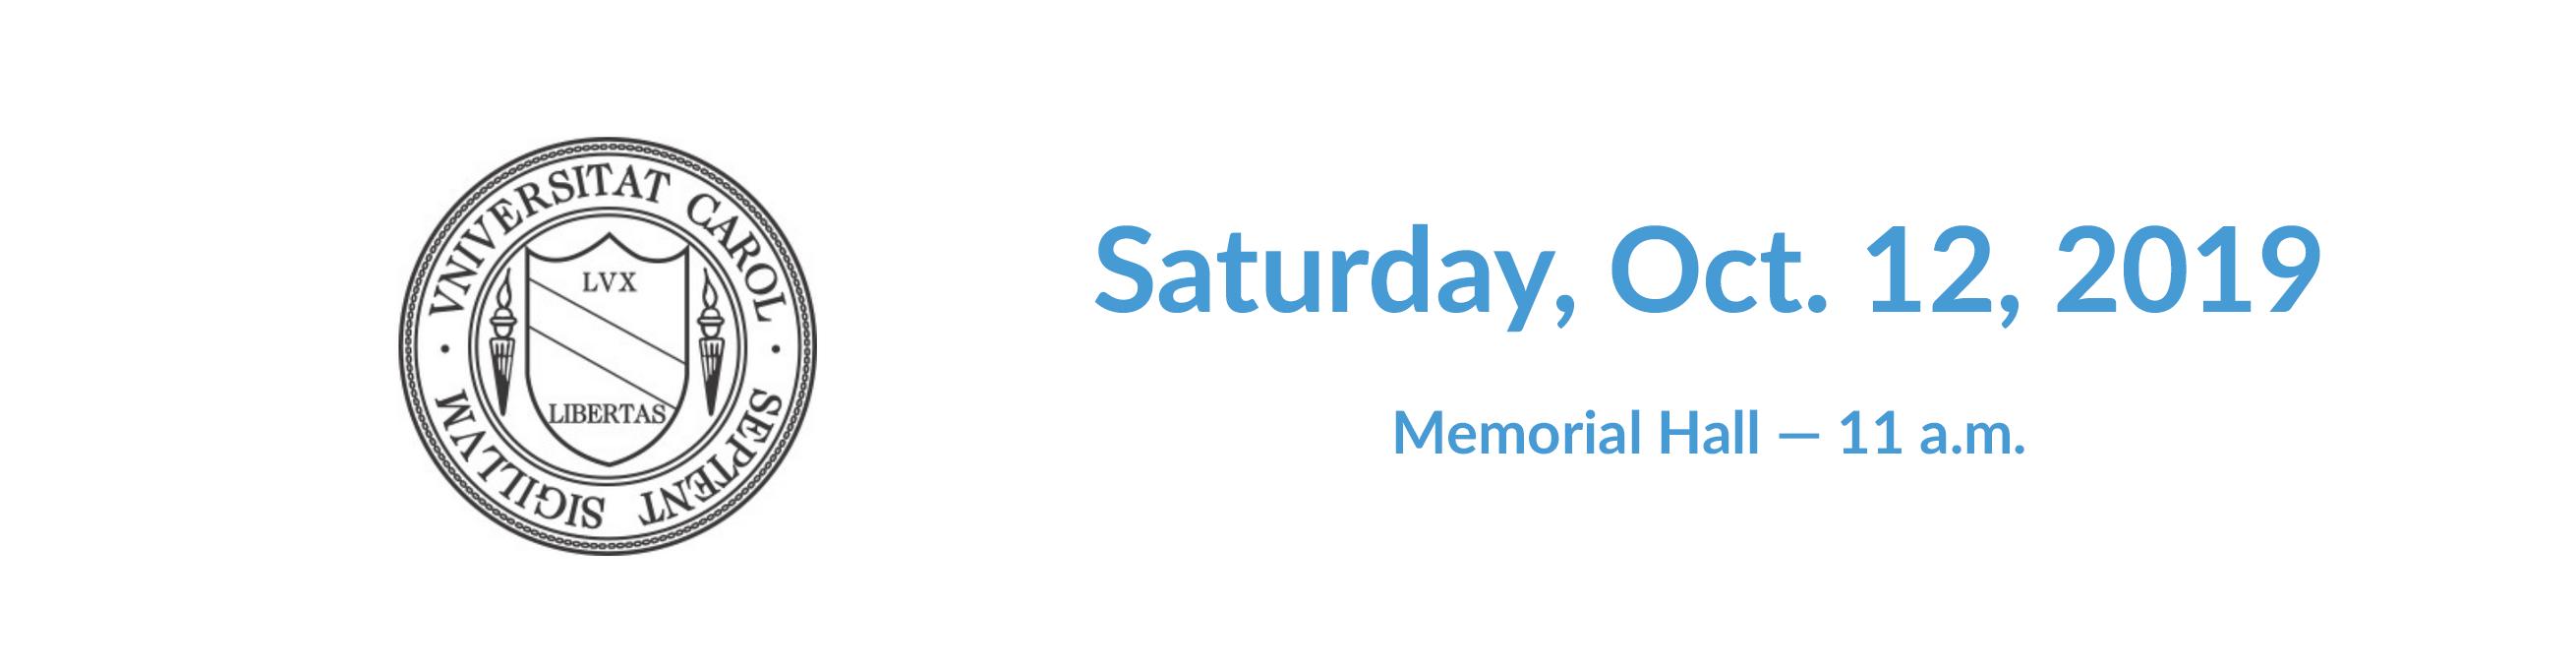 Saturday, Oct. 12, 2019 at Memorial Hall at 11 a.m.